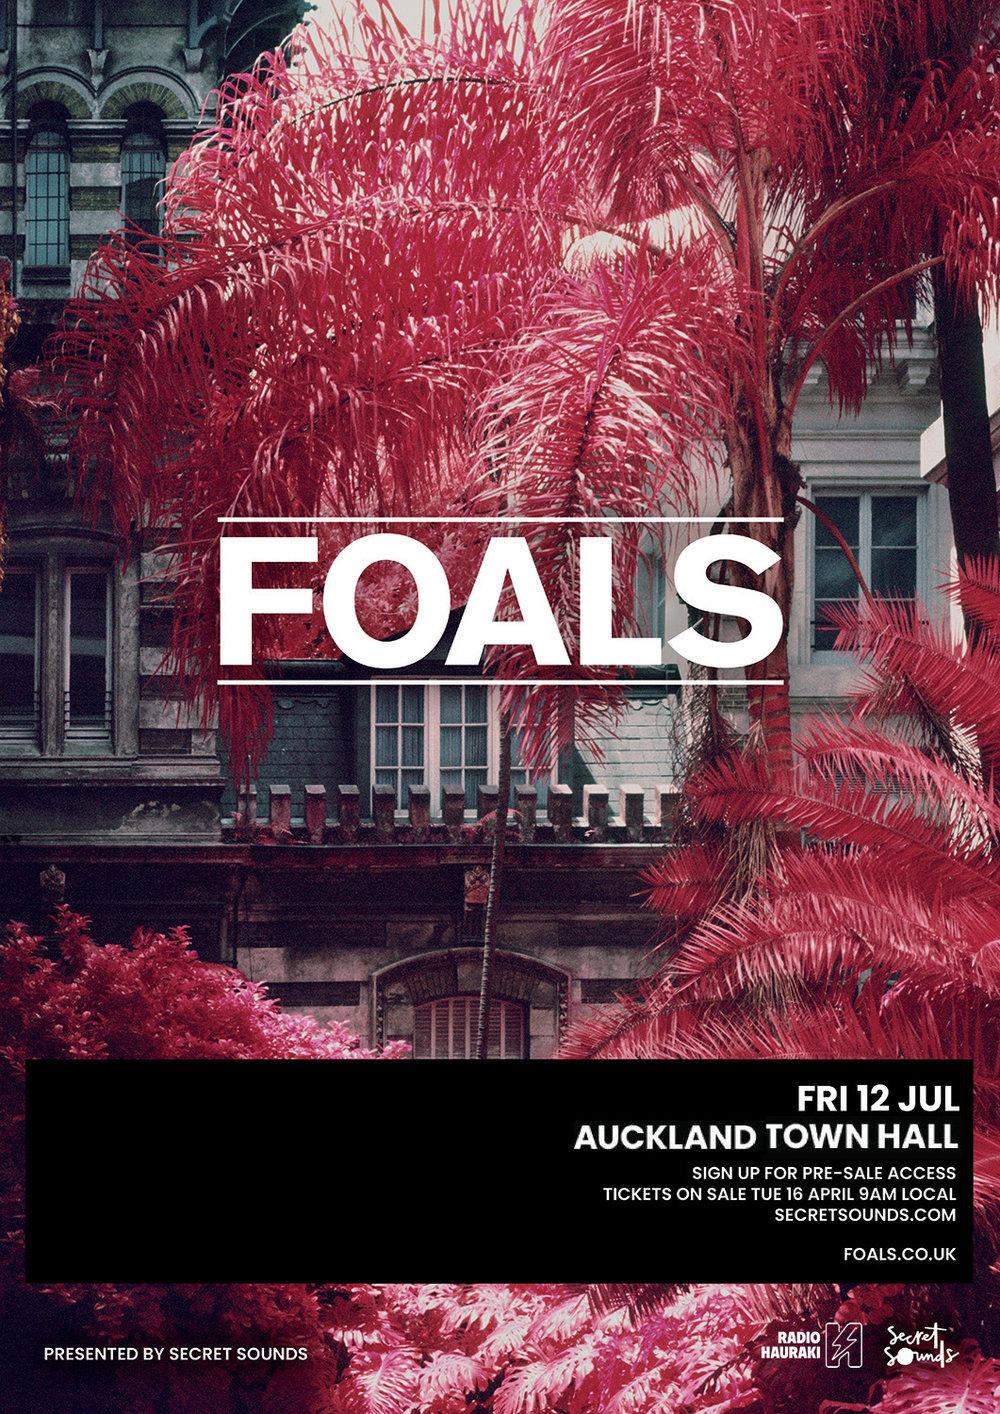 foals_webposter_NZ_OSD 2.jpg